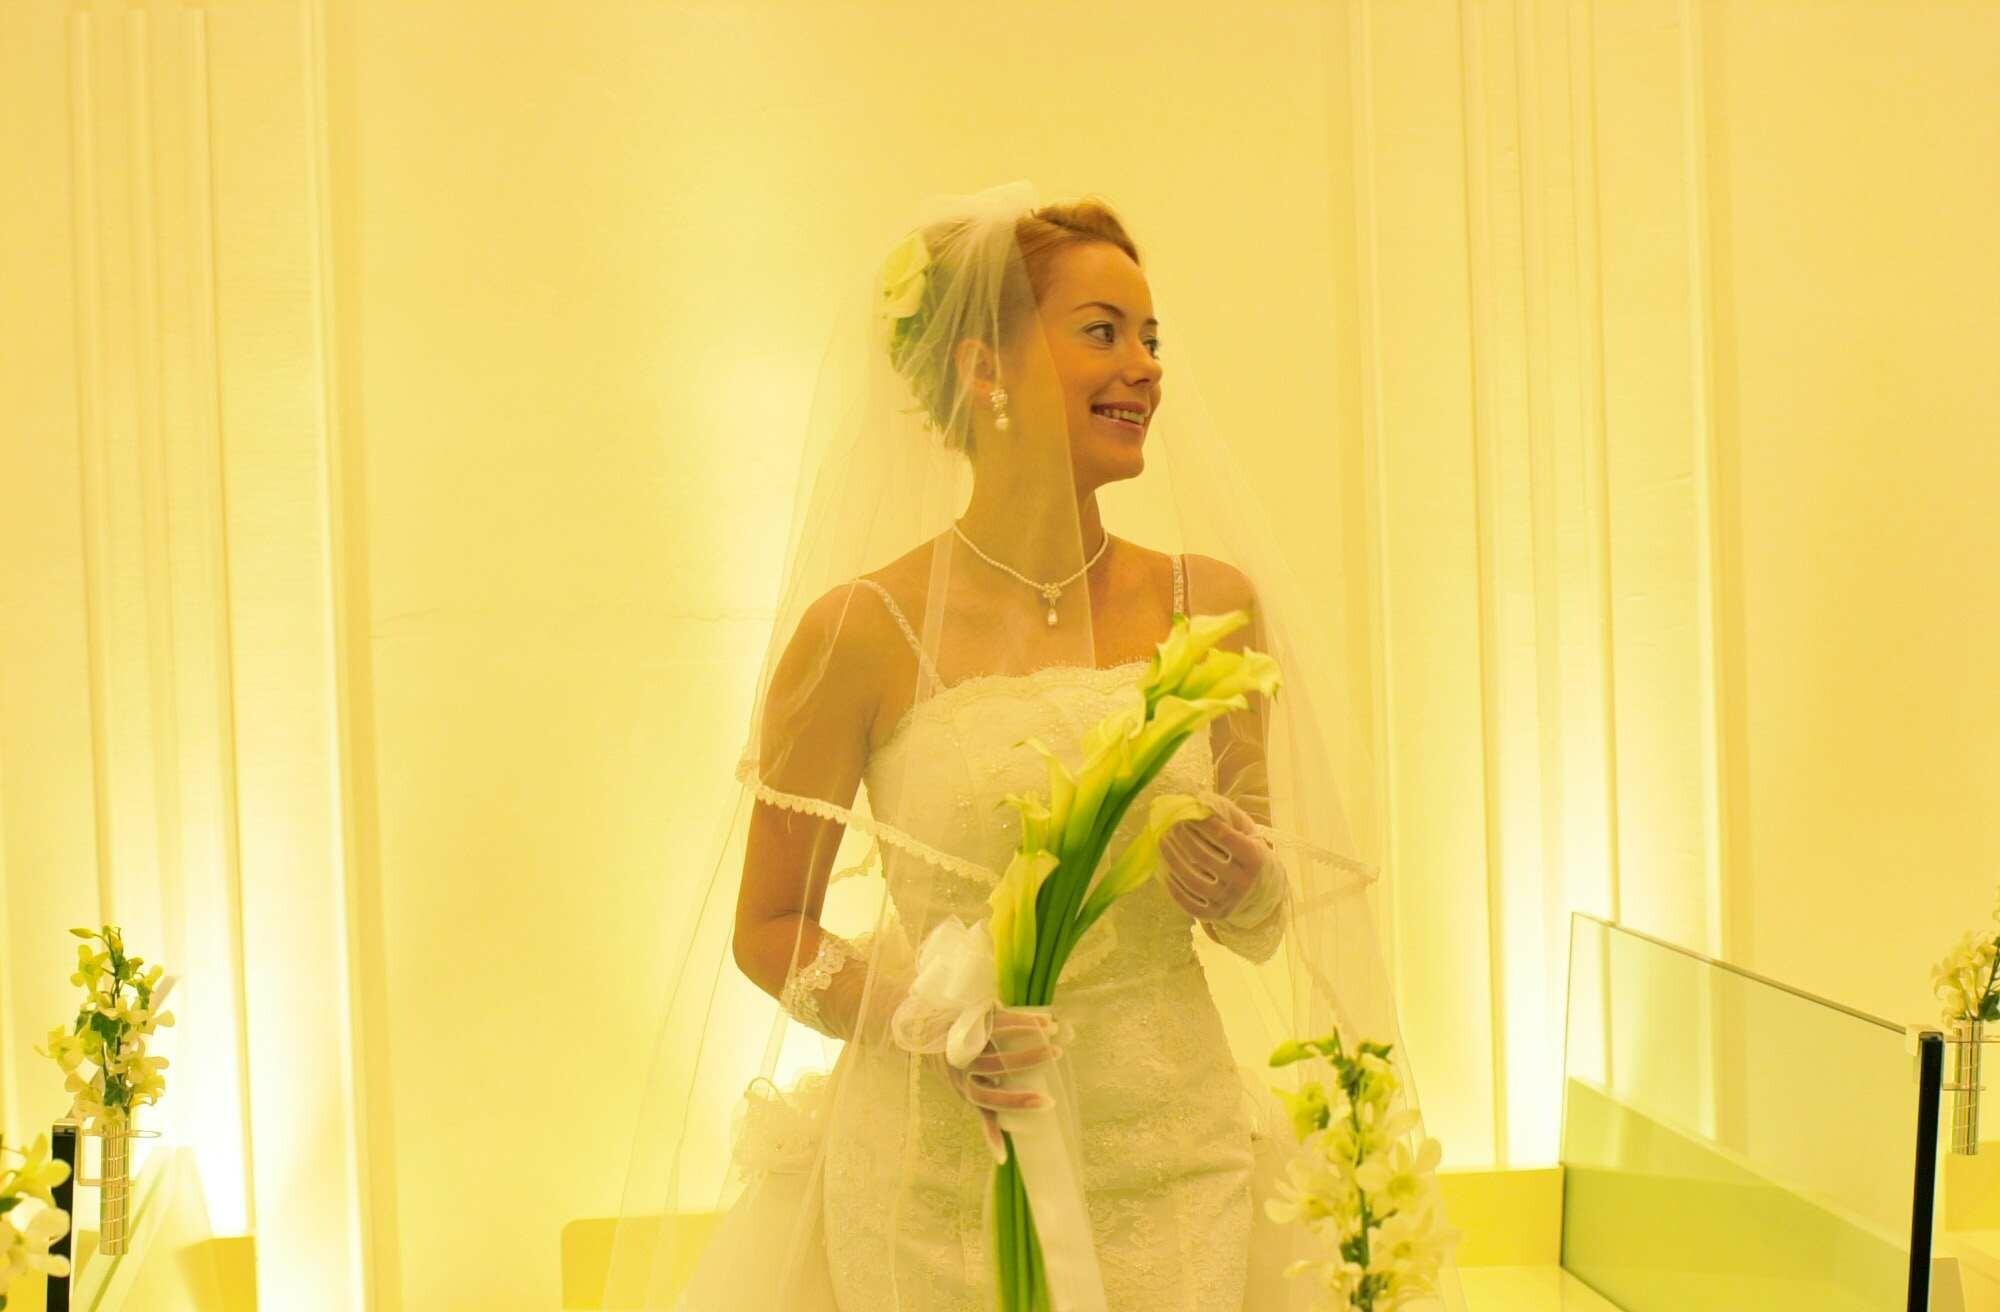 【1日のみ・4h~OK!シフト自由】ホテル・結婚式場のお仕事 イメージ1